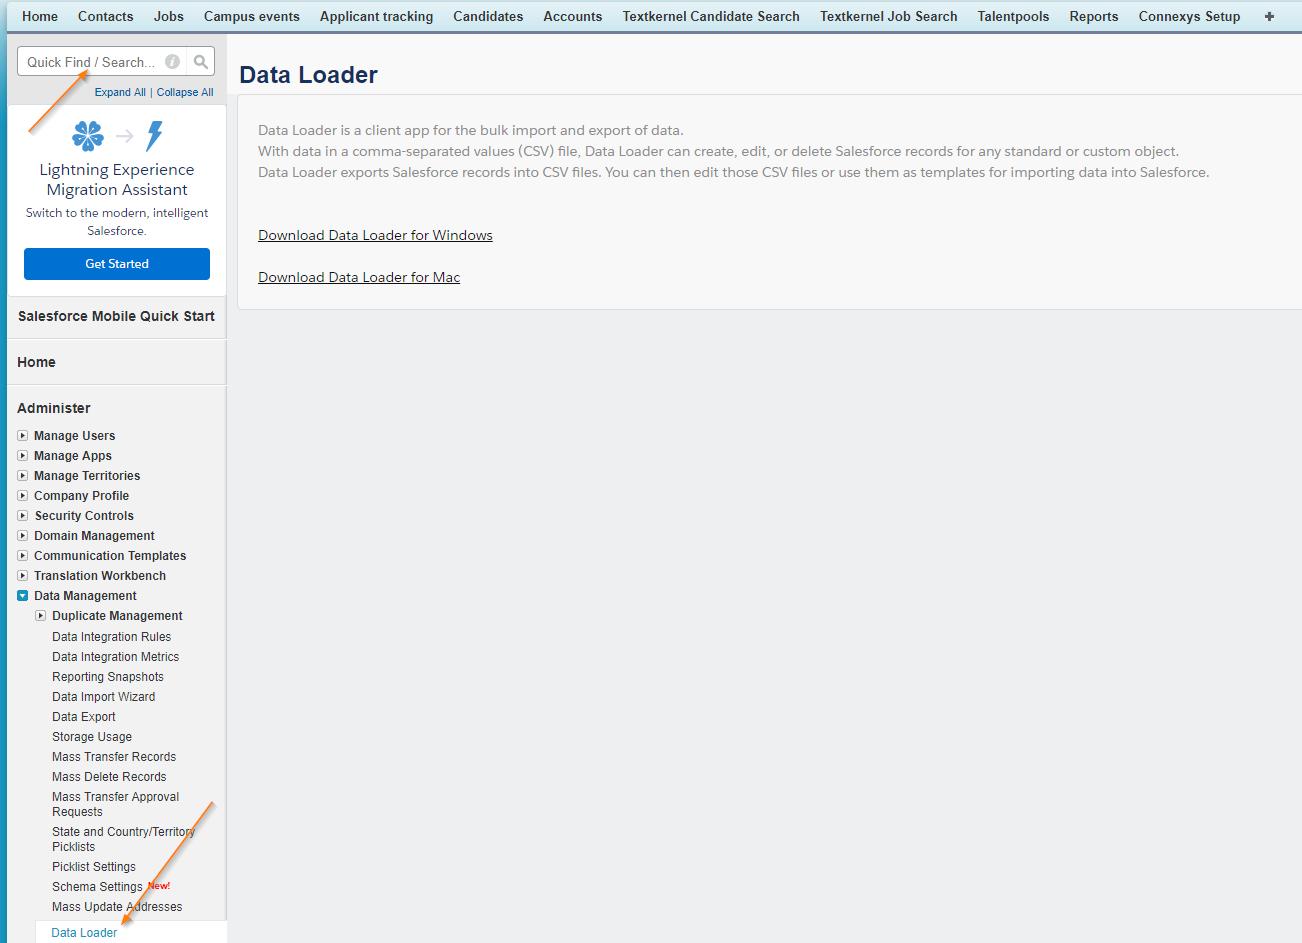 download apex data loader for windows